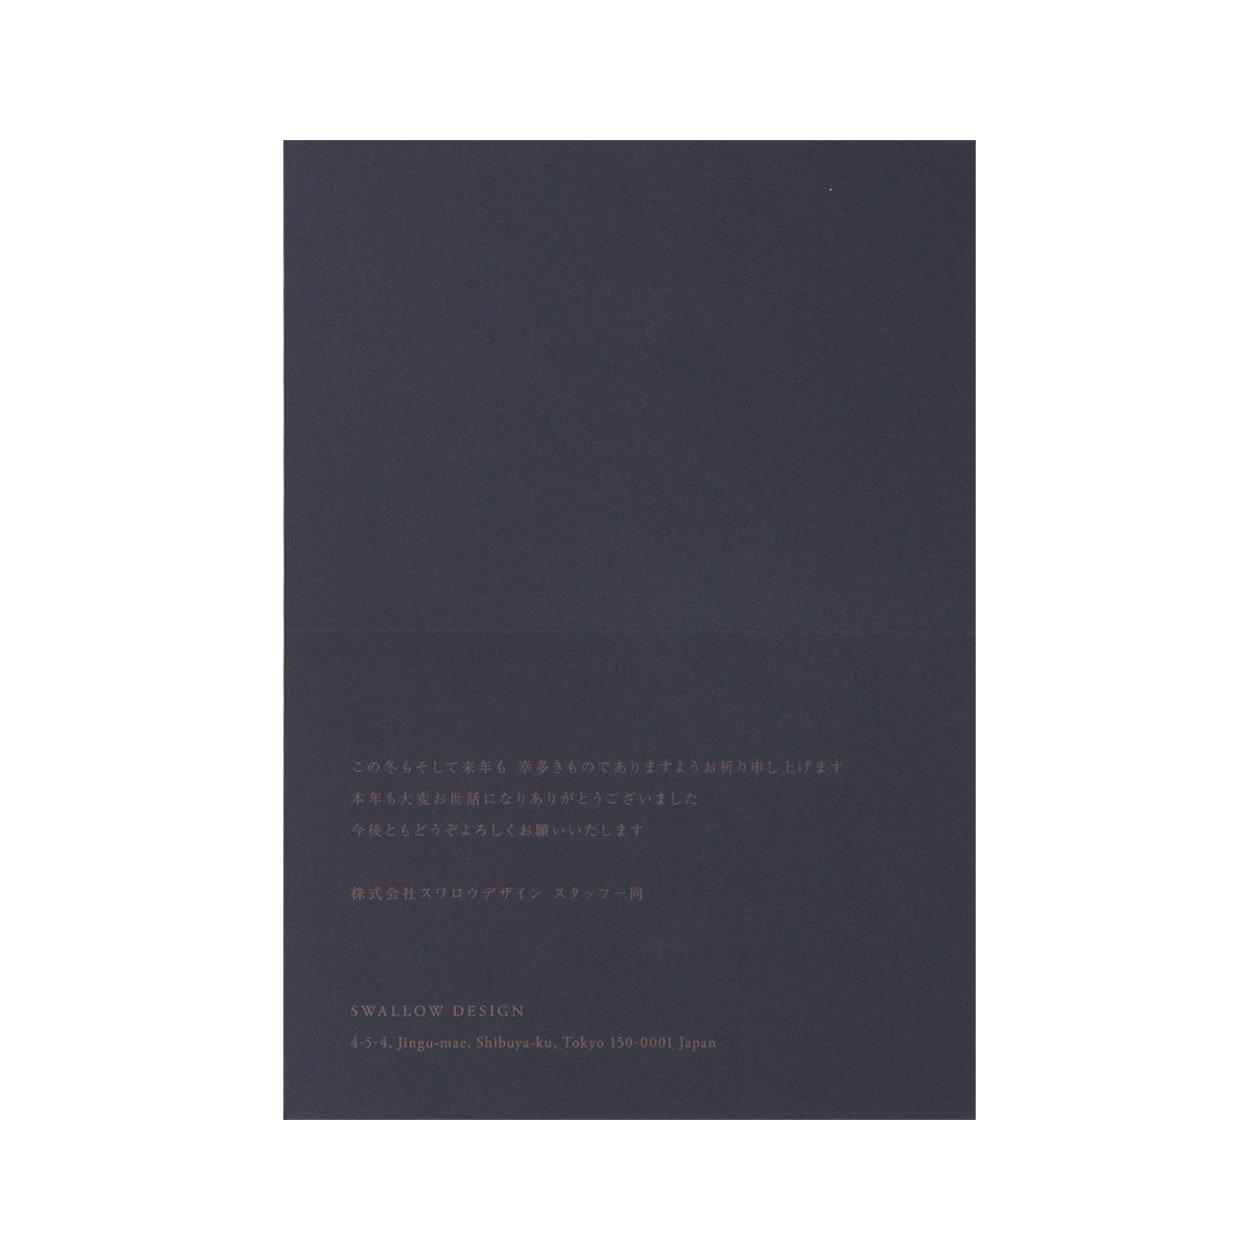 サンプル カード・シート 00260